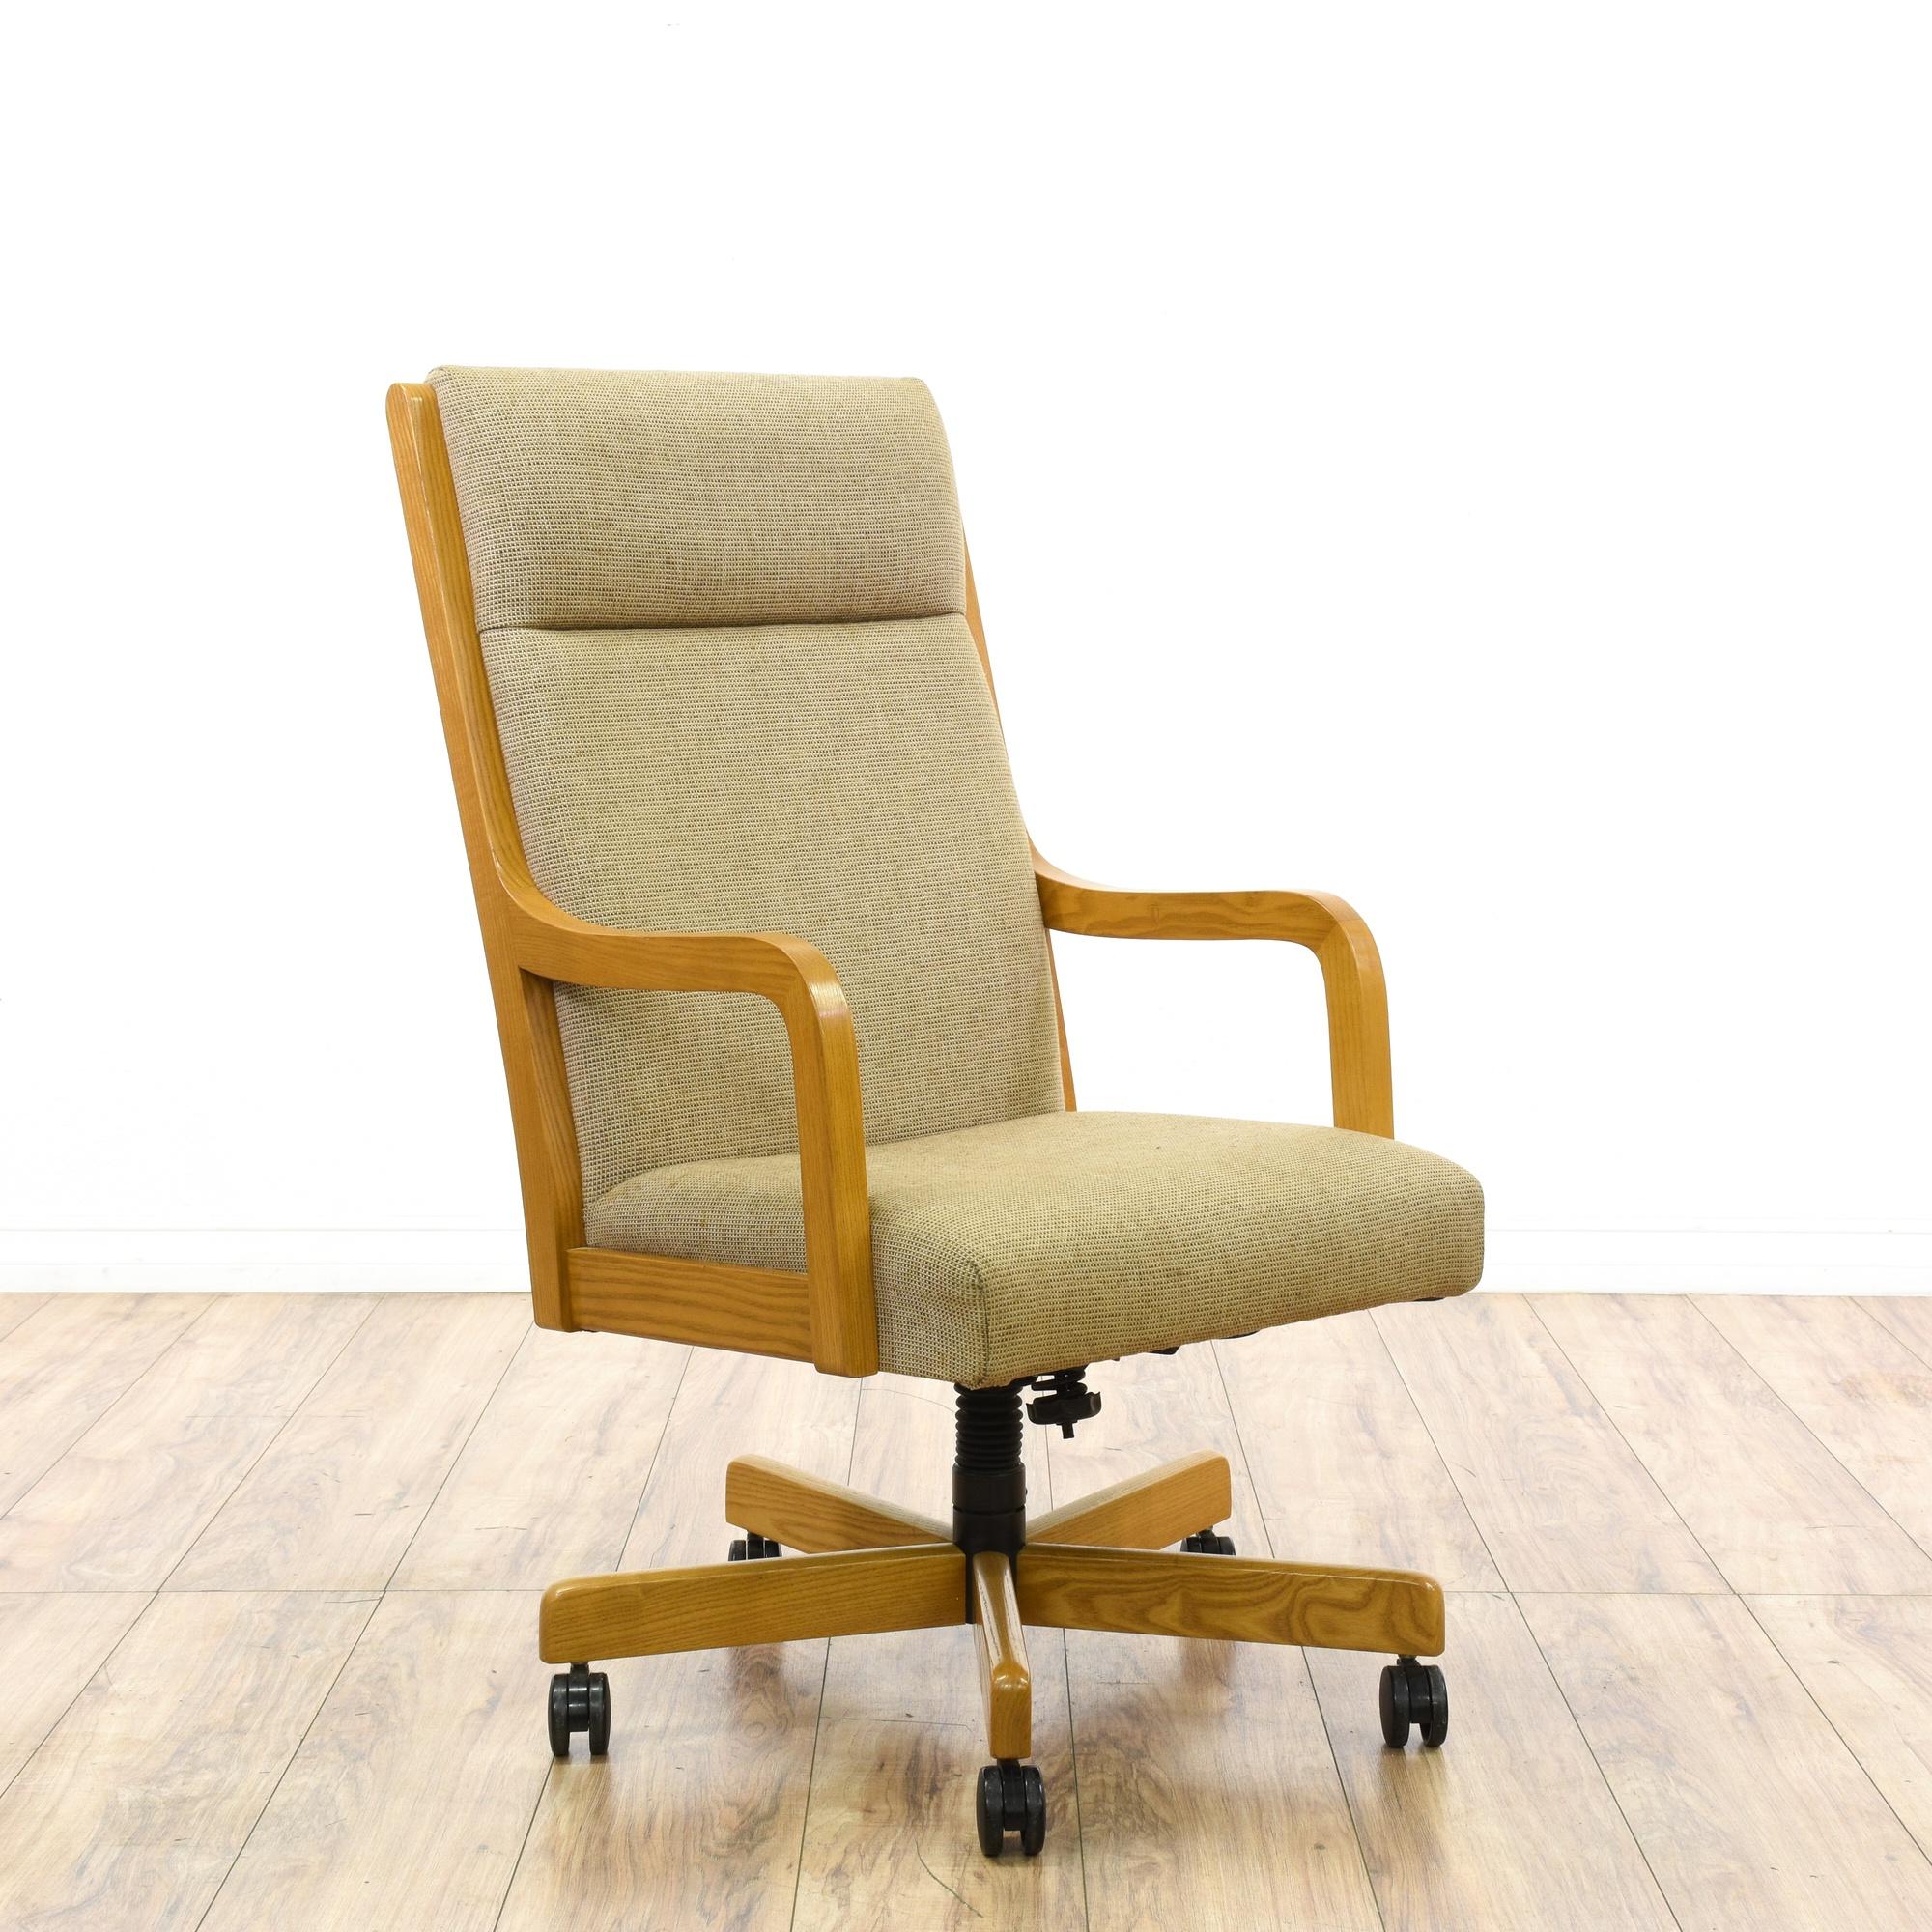 Mid Century Modern Light Oak Beige Office Chair